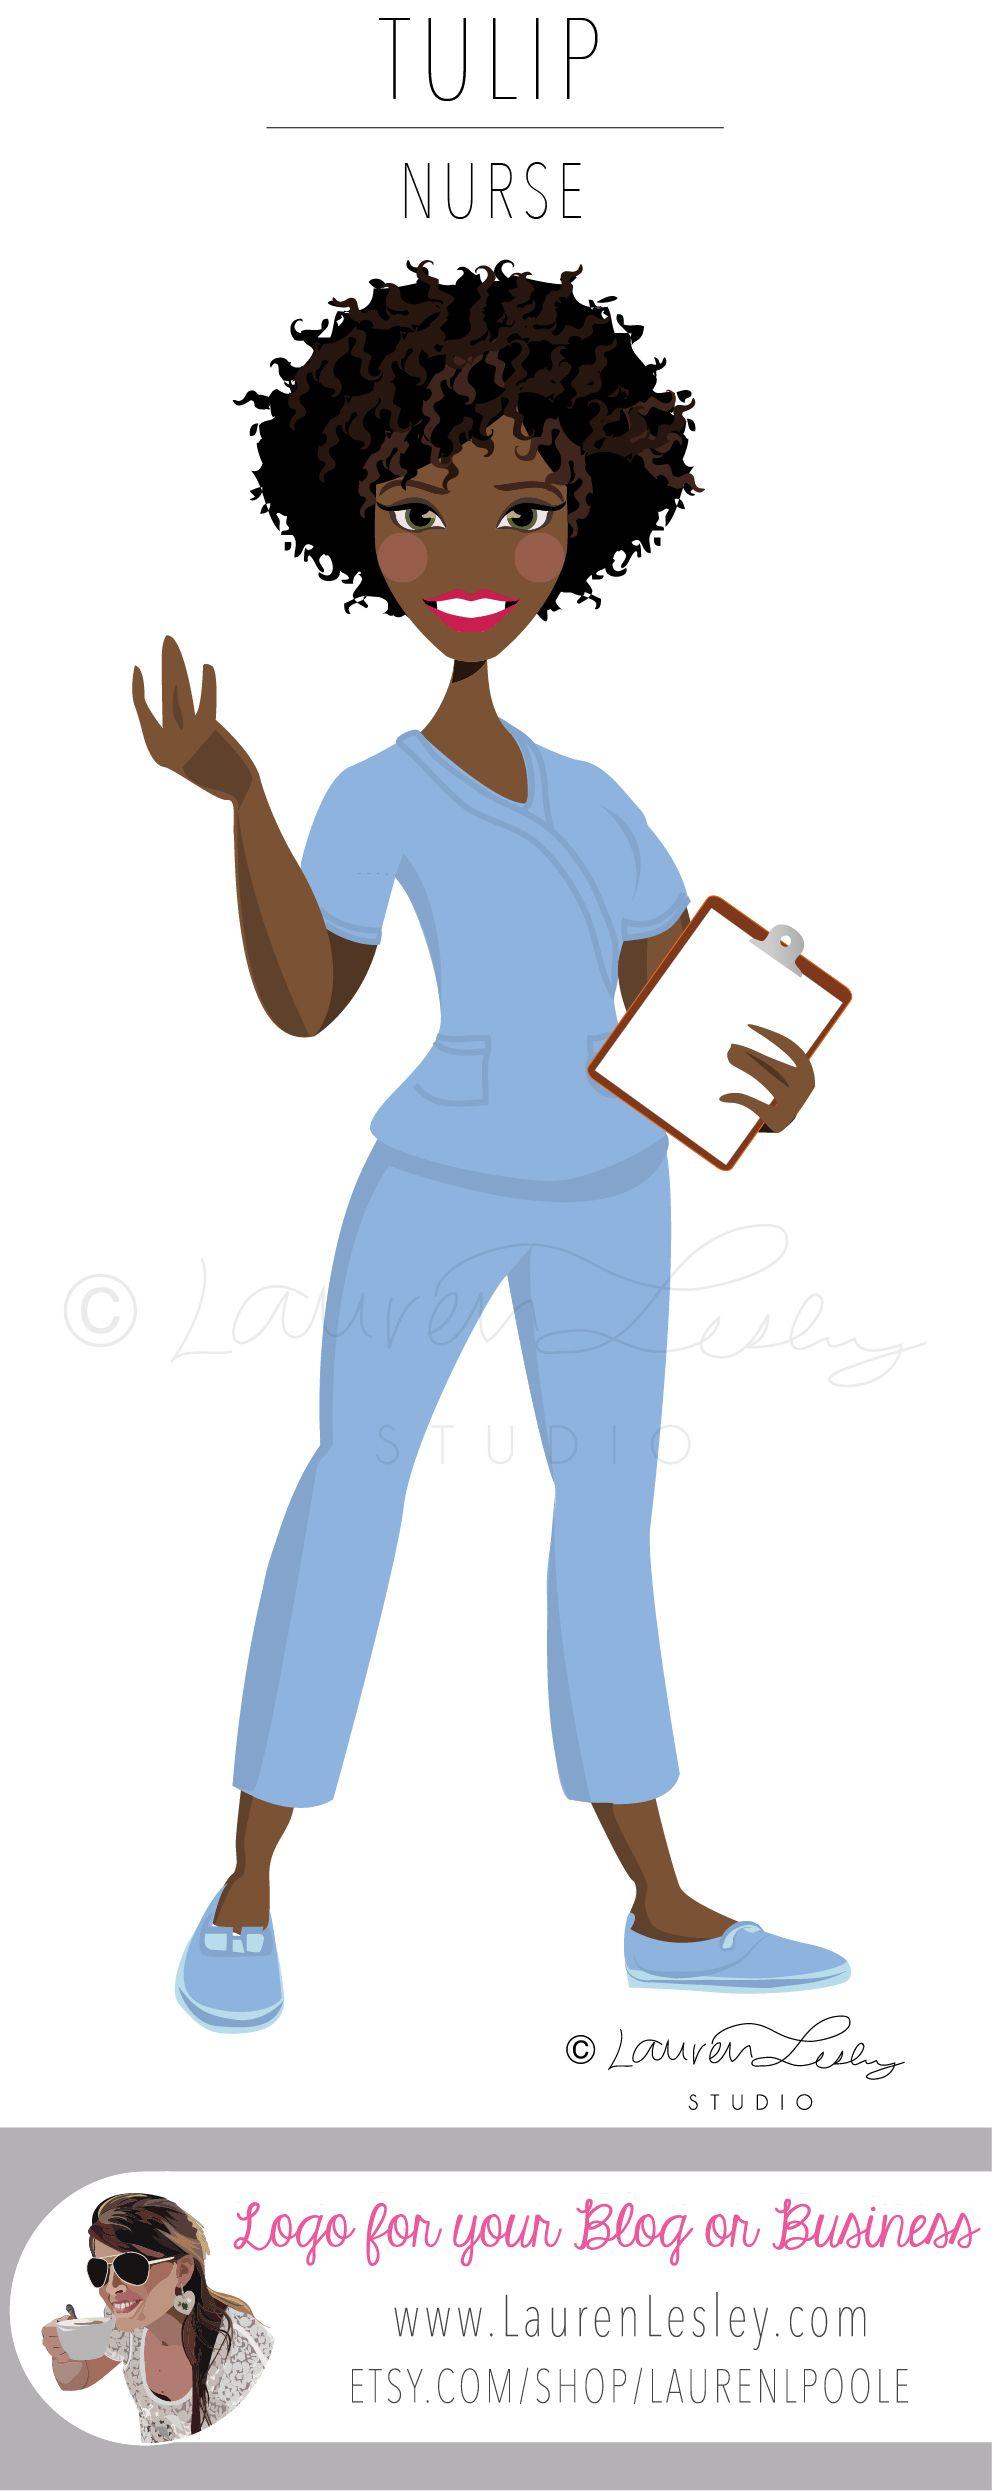 Athlete Clip Art Logo Design Illustration Graphic Avatar Web Etsy In 2021 Nurse Clip Art Clip Art Nurse